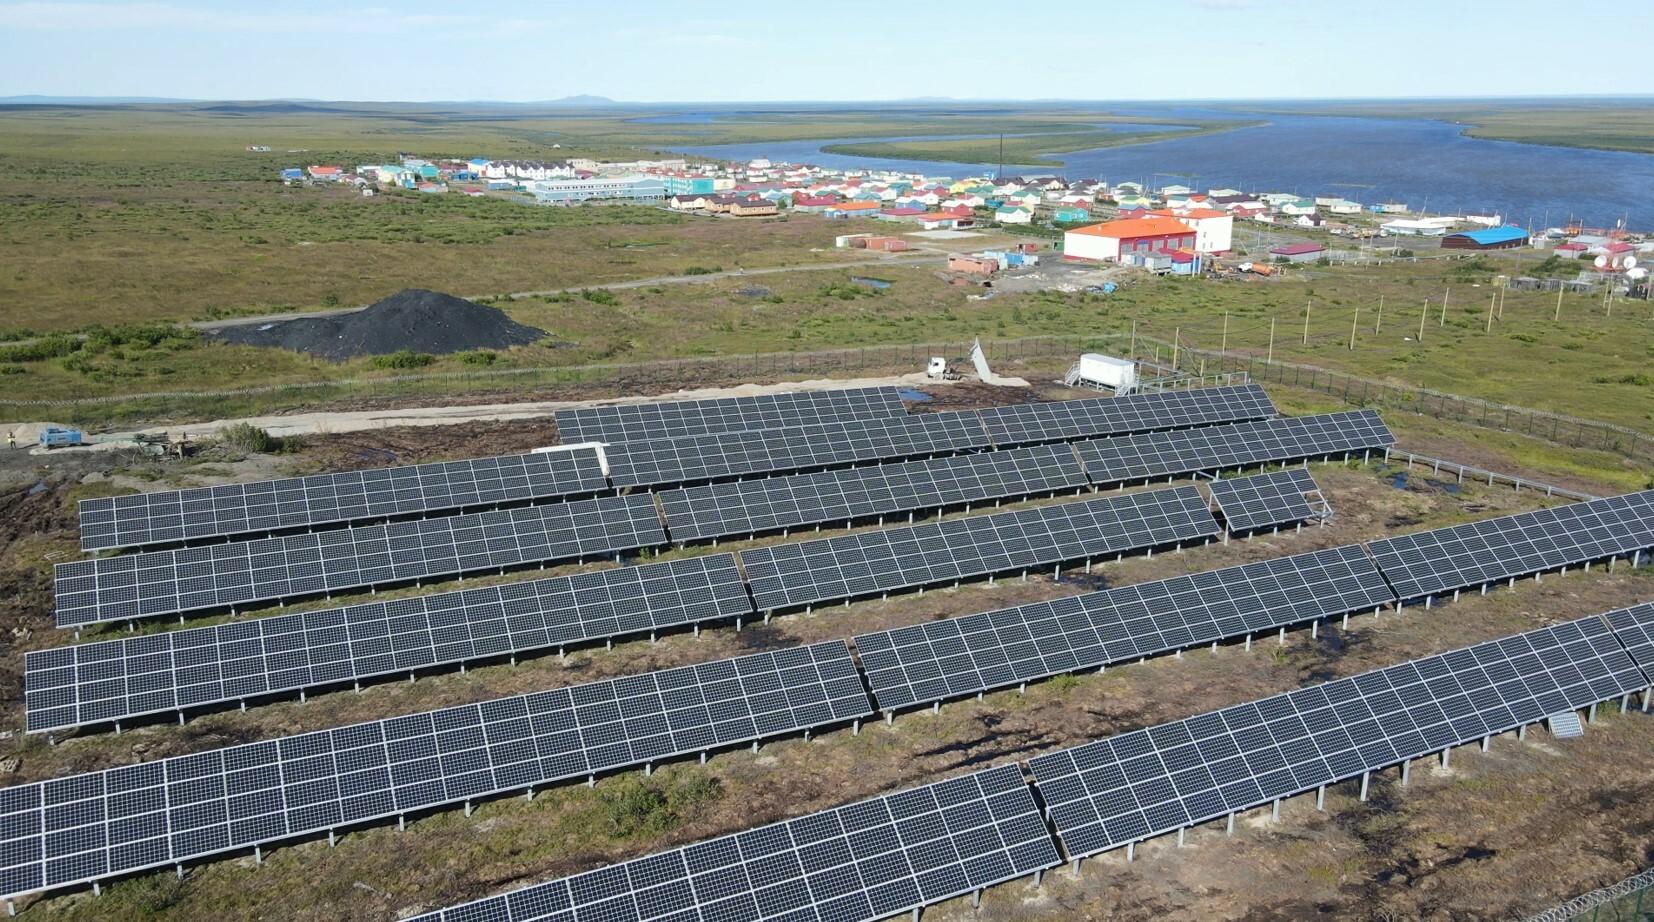 В Арктической зоне построены первые гибридные энергоустановки